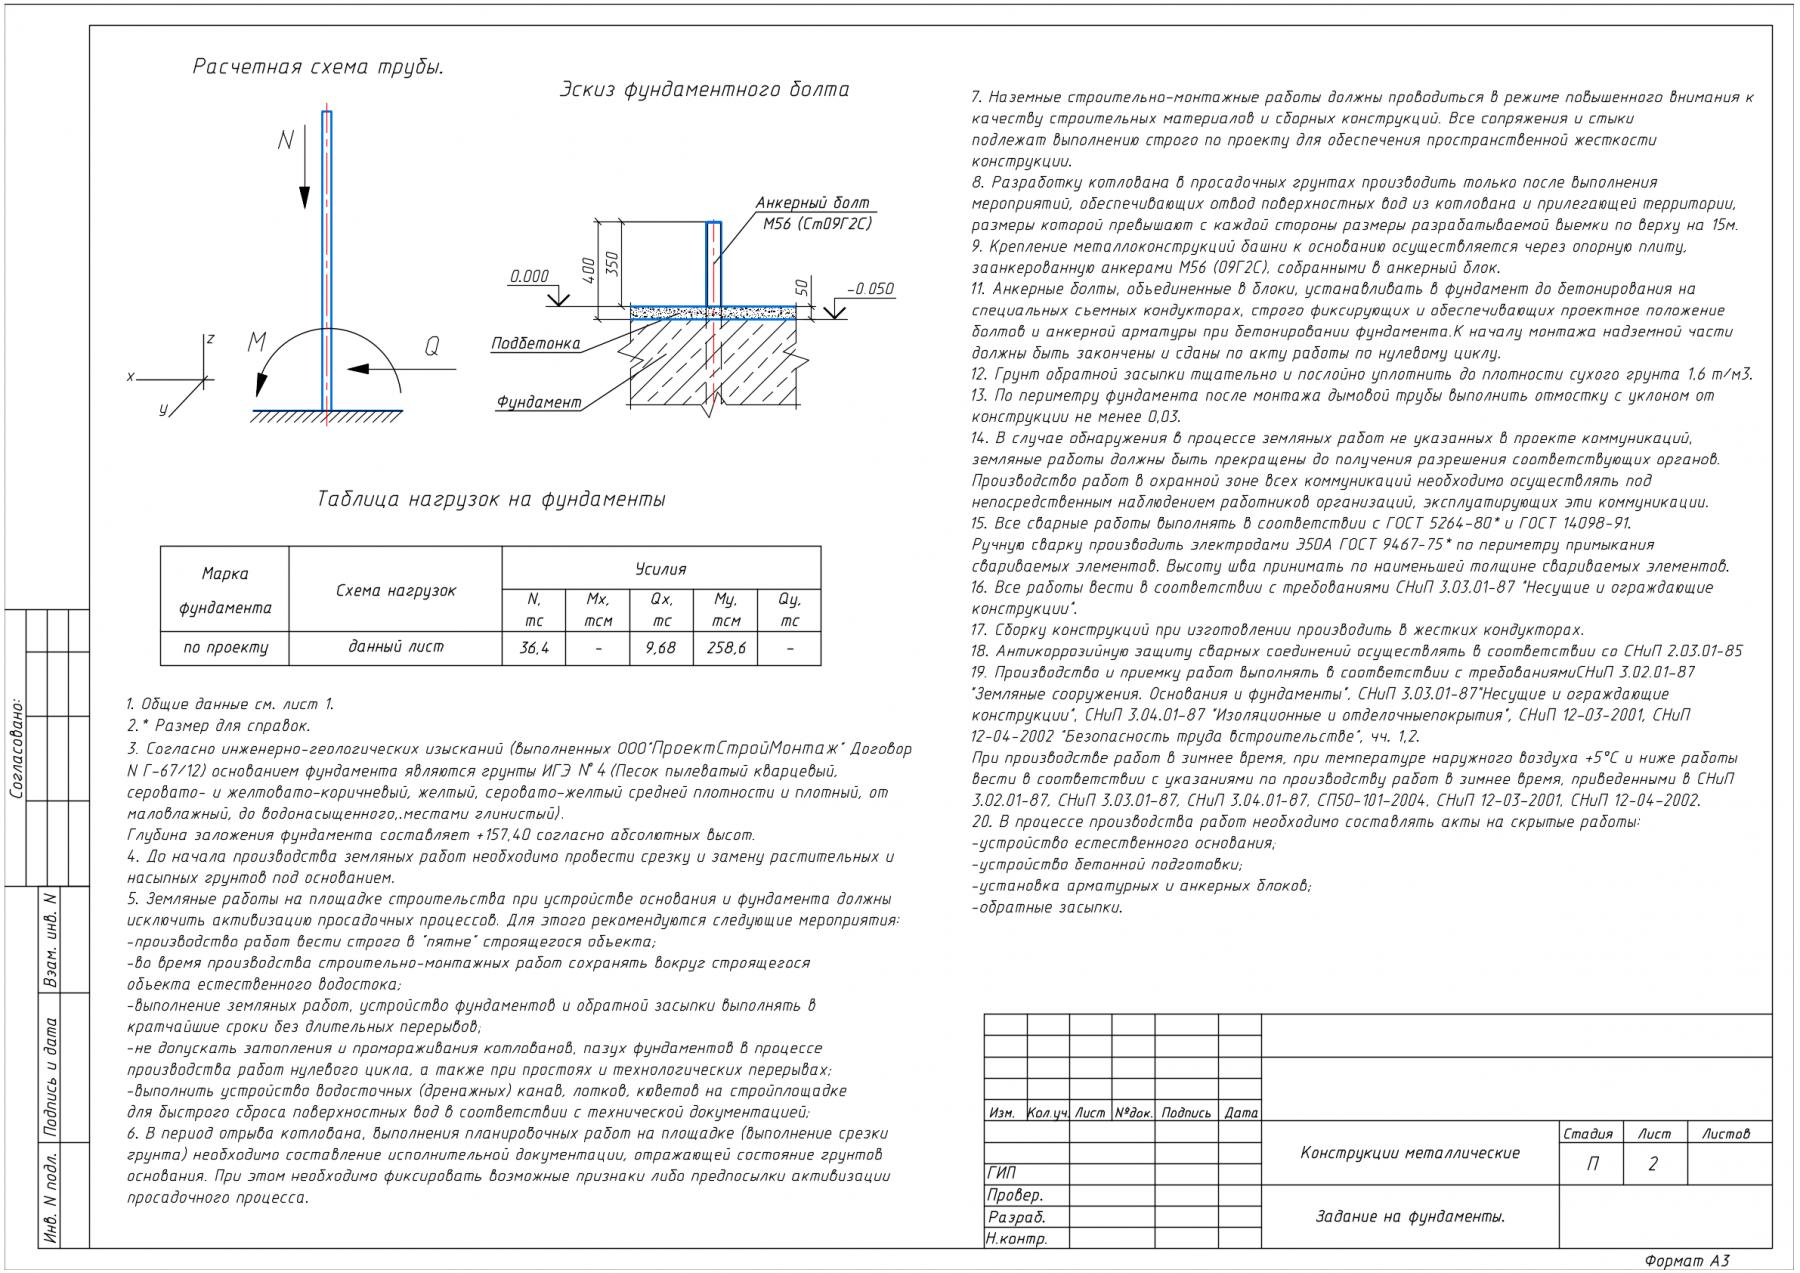 КМ (2)